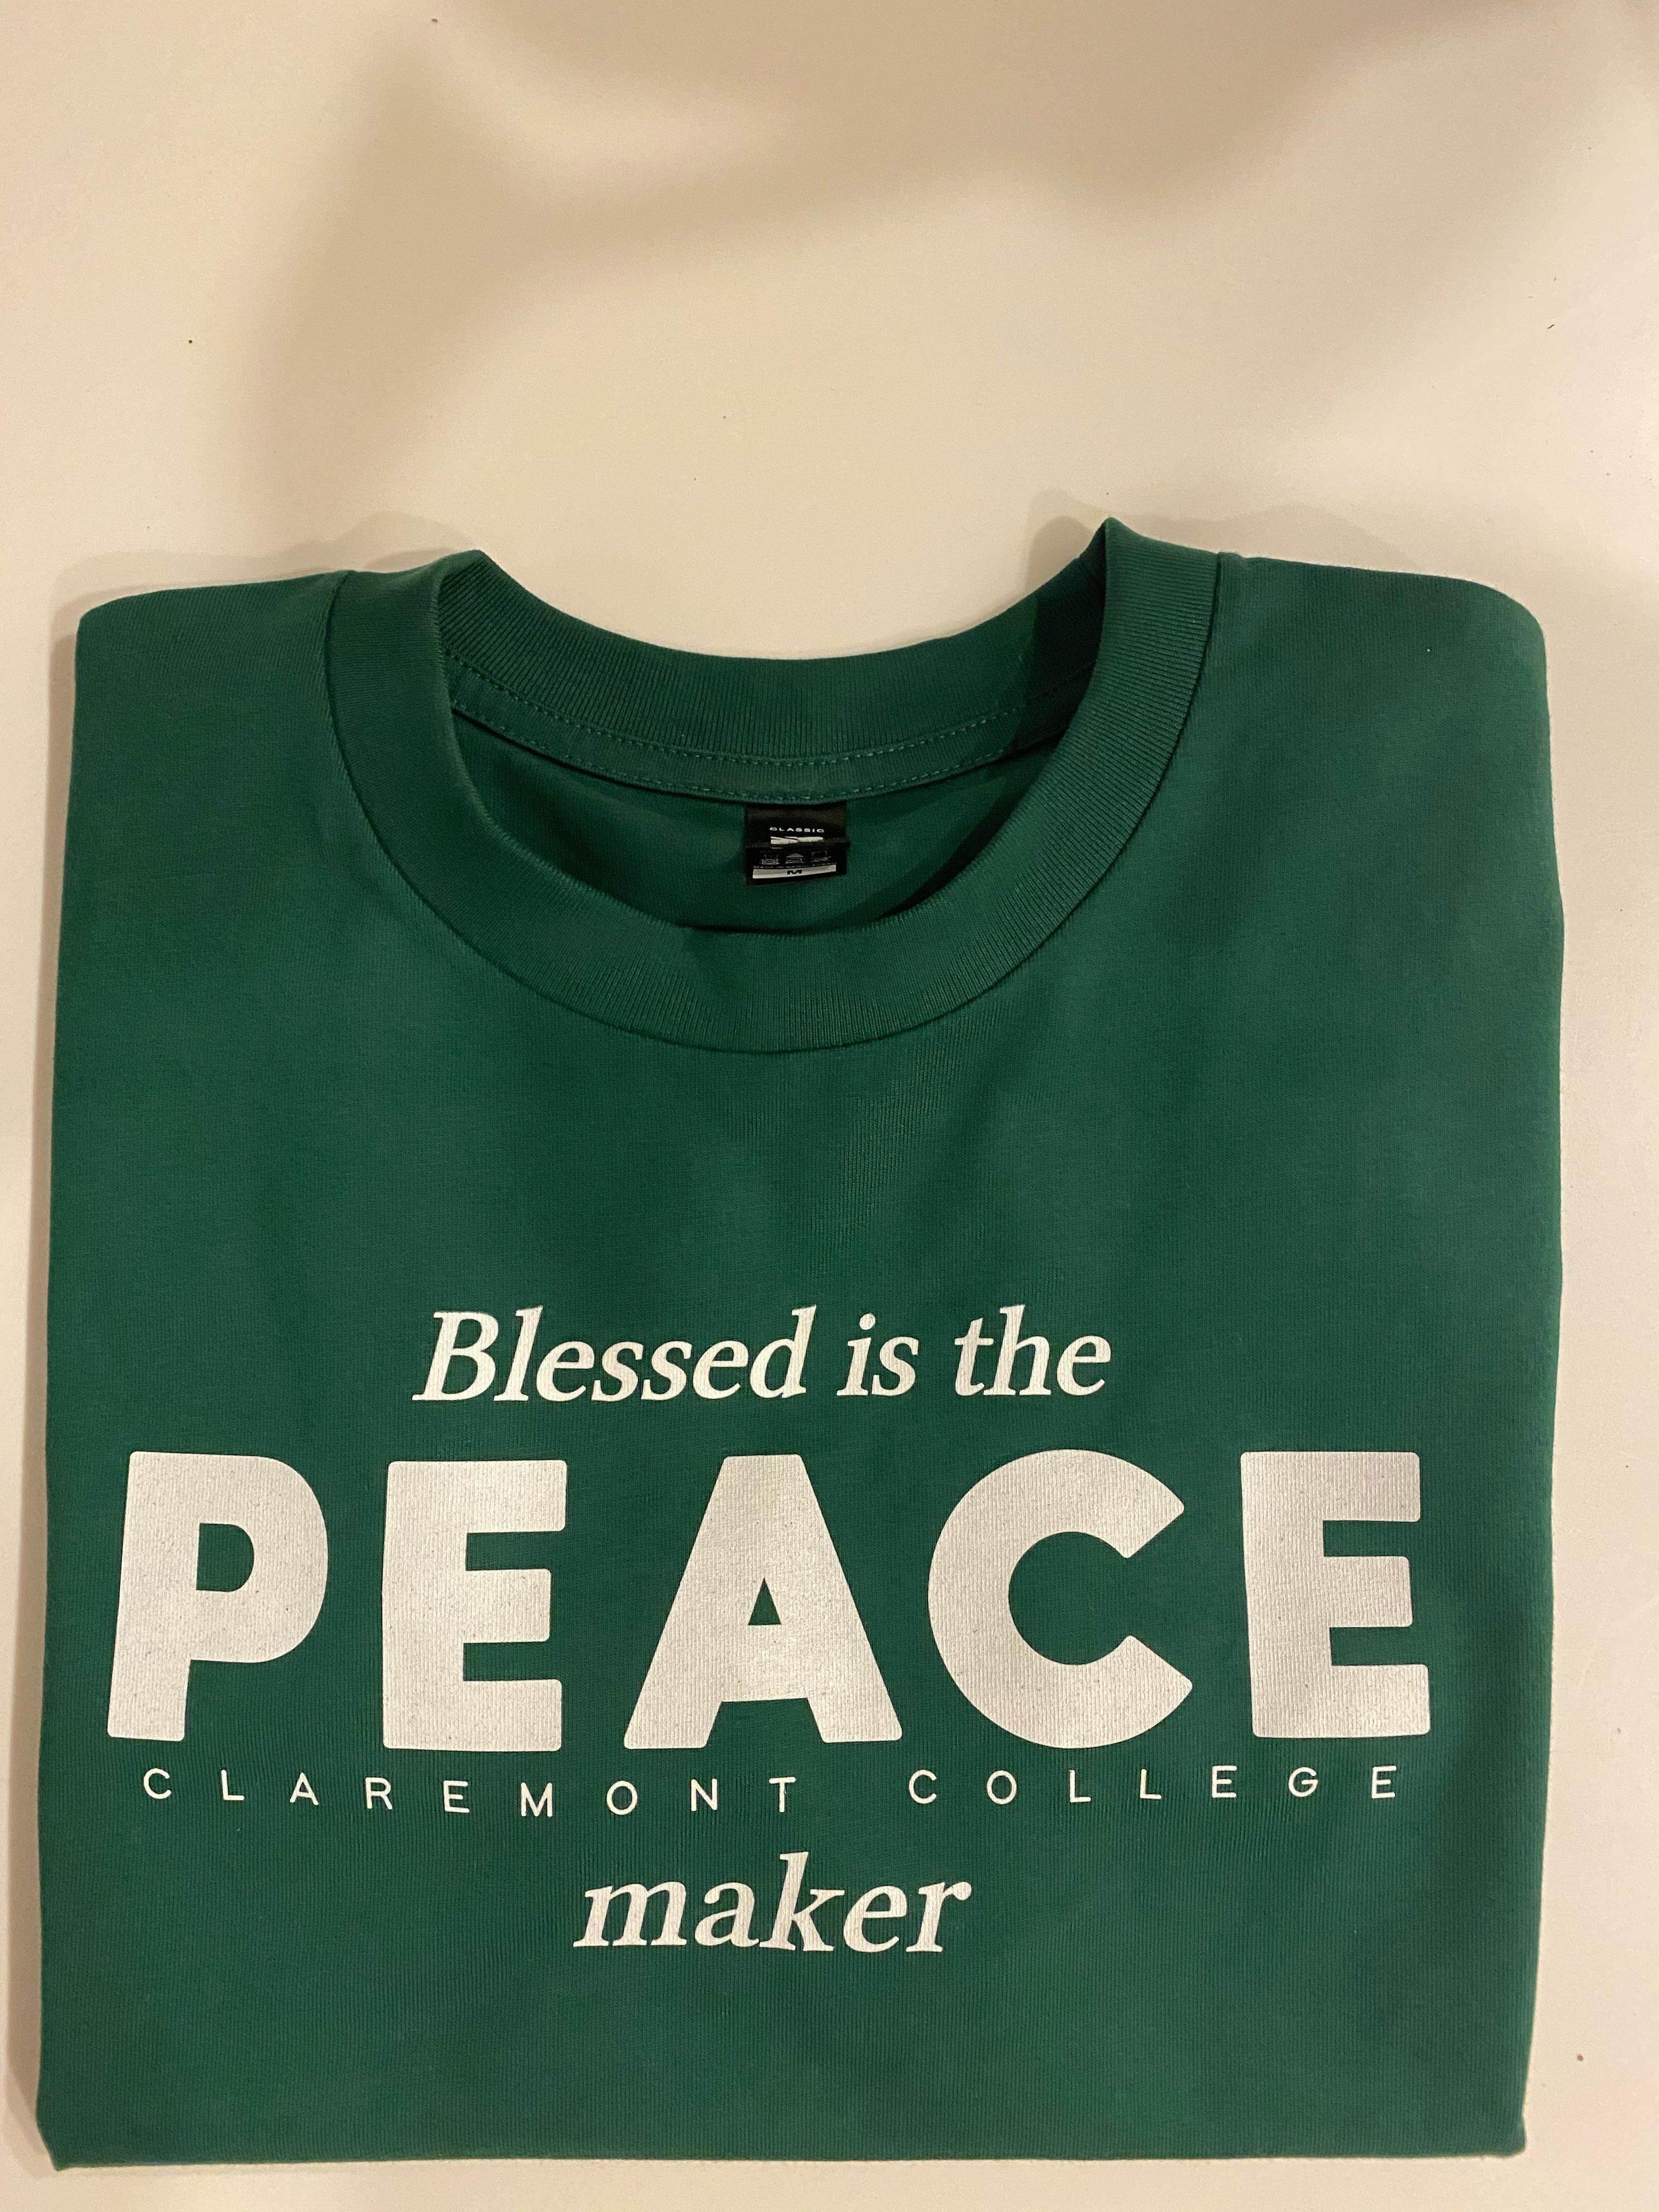 Peace-t_shirt.jpeg?mtime=20201015115328#asset:20930